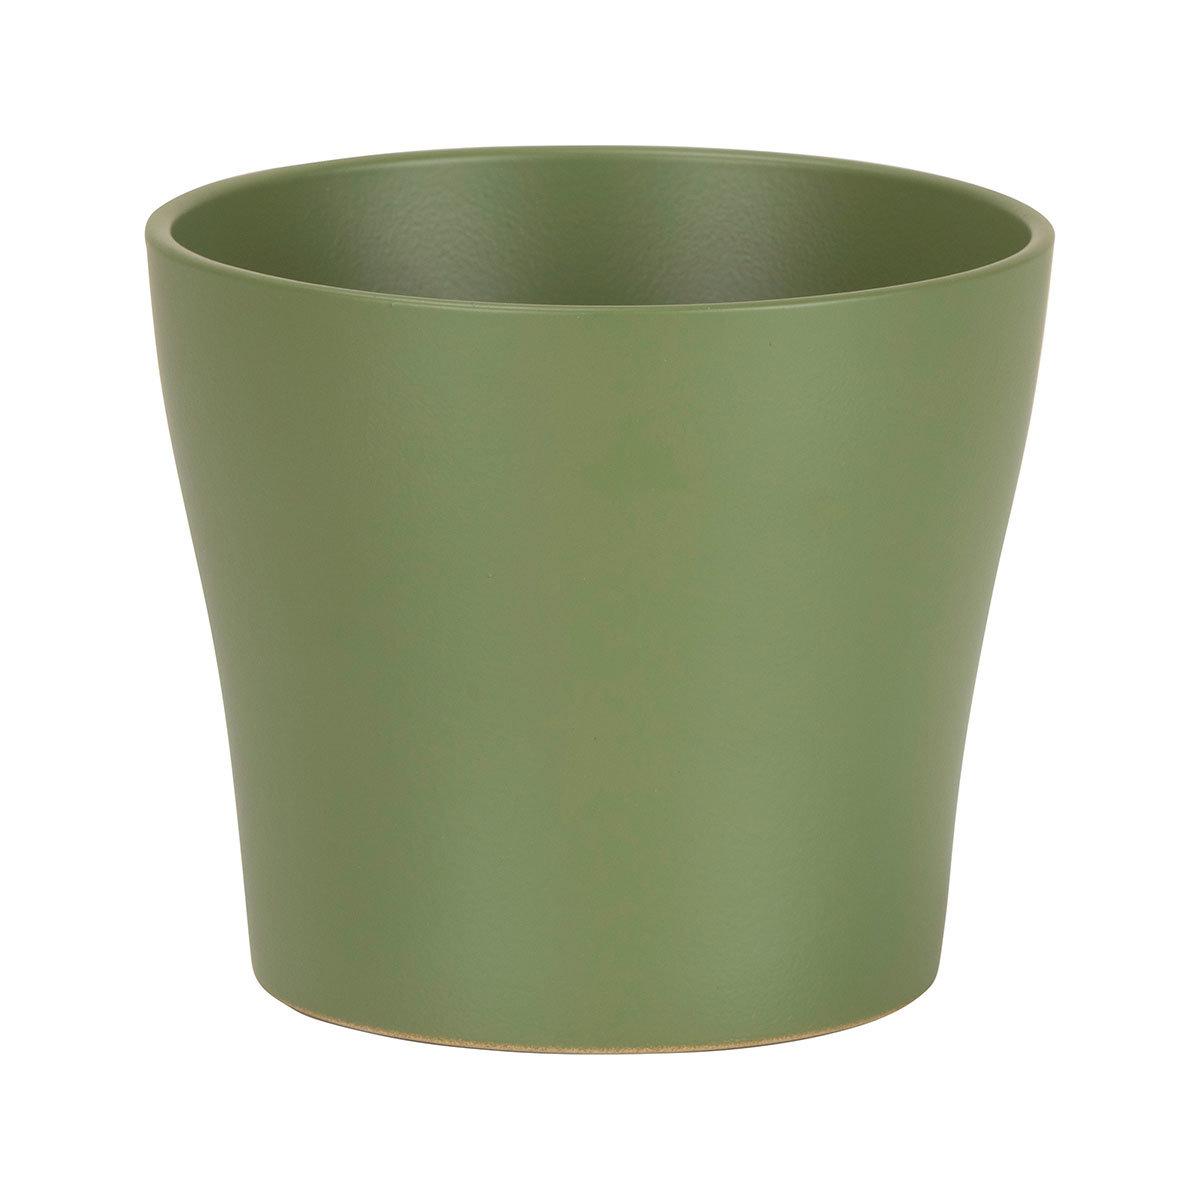 Übertopf Oliva, 13 cm, Grün